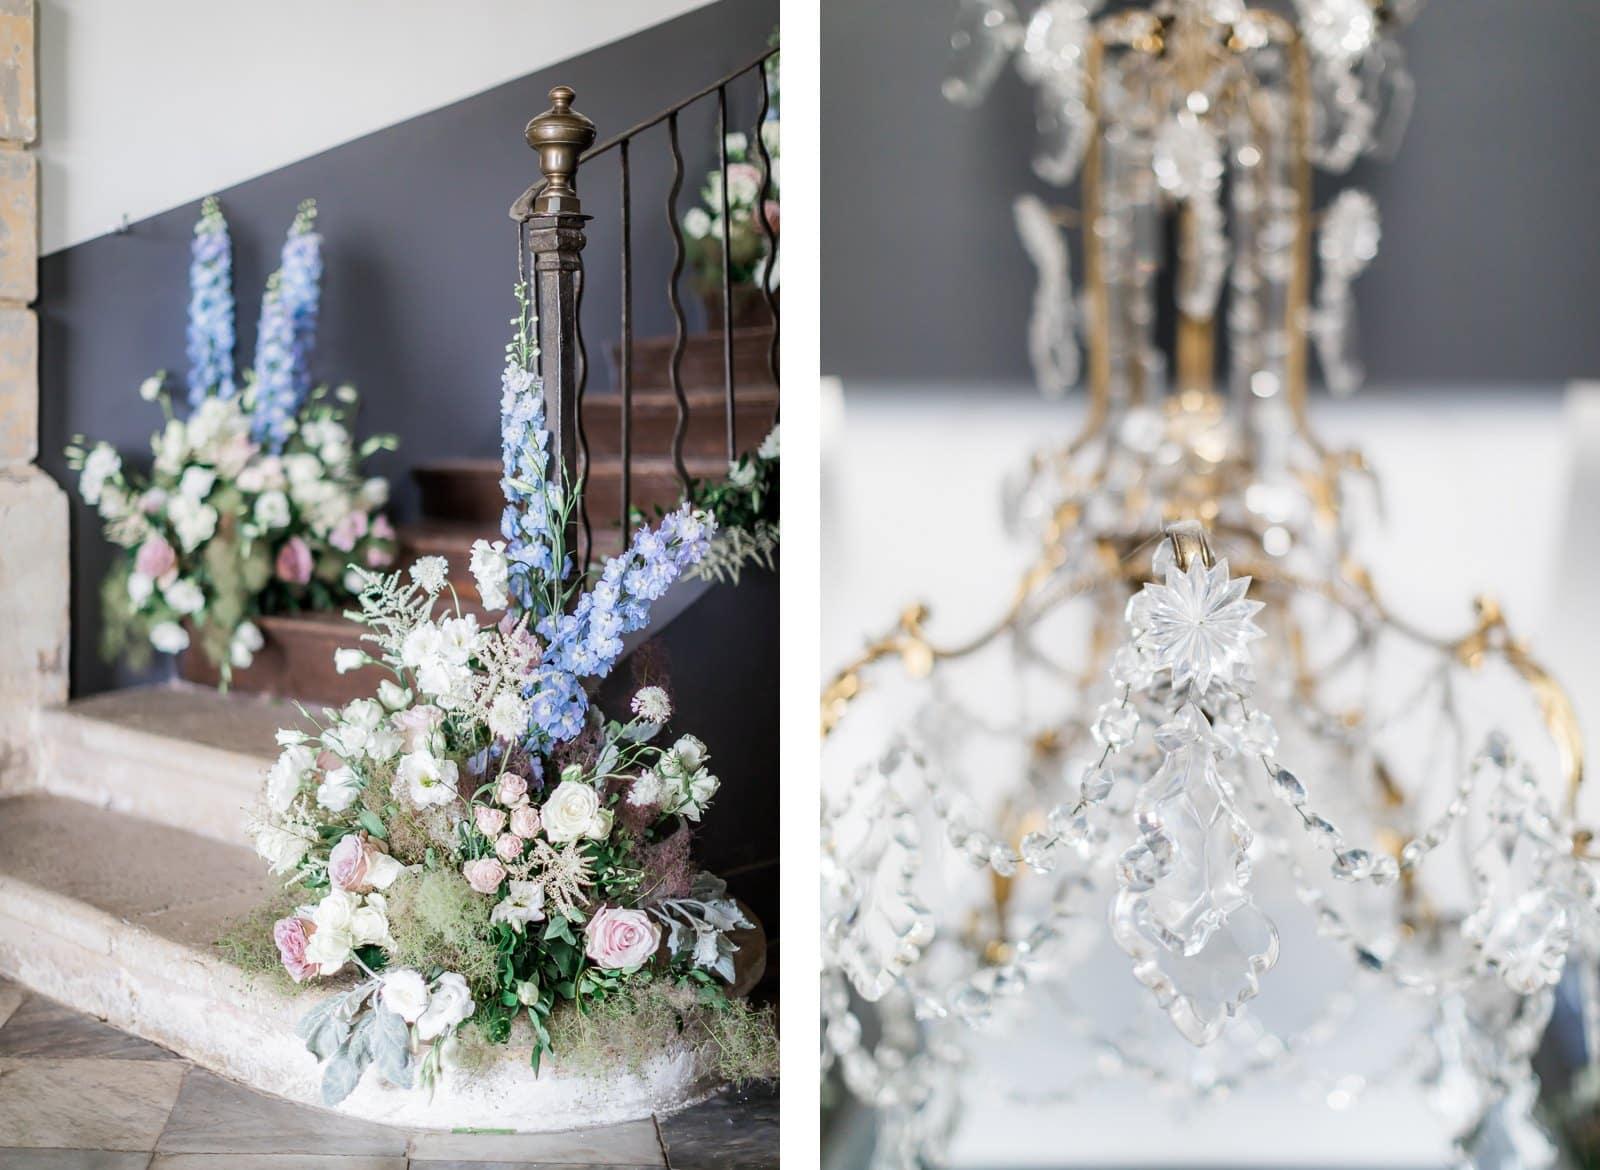 Photographie de Mathieu Dété présentant la décoration florale du mariage à l'intérieur de la Villa Brignac à Ollioules